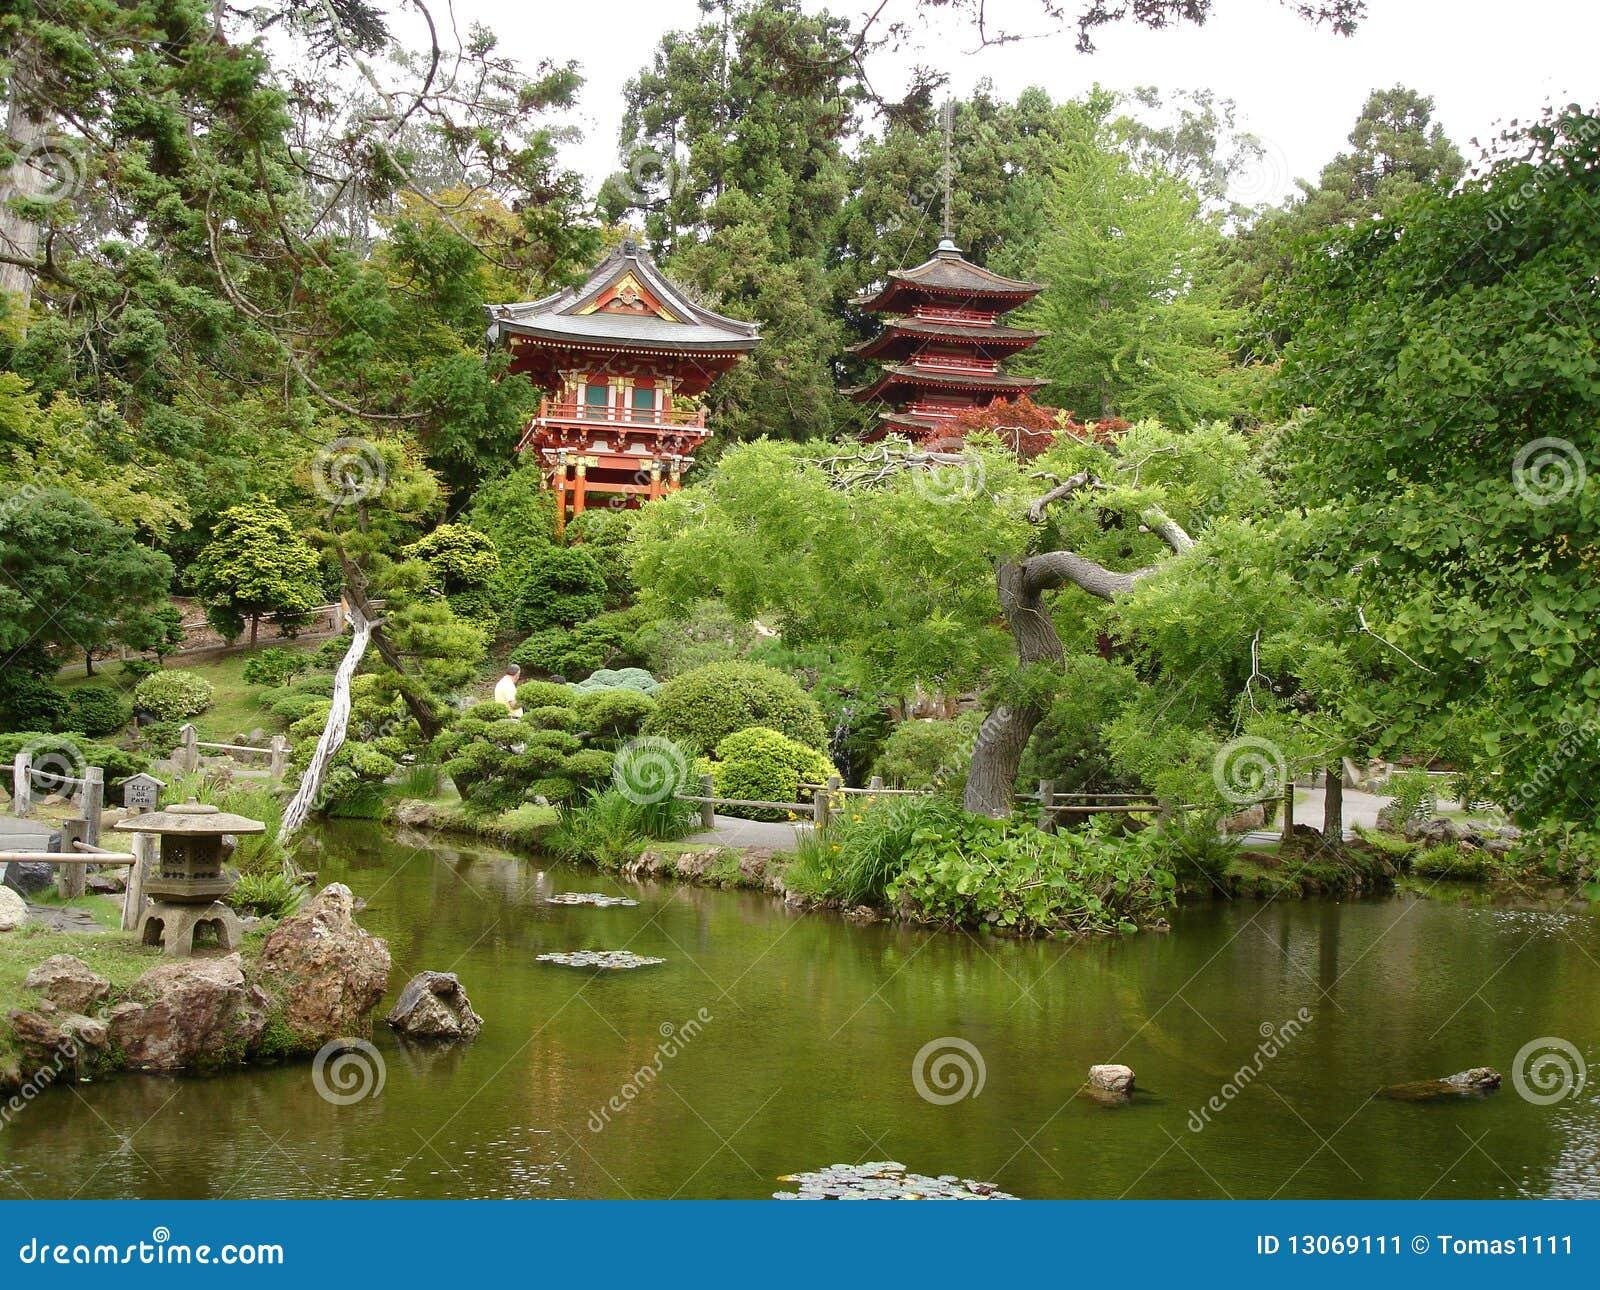 Maison et jardin japonais avec le lac image stock image for Maison et jardin